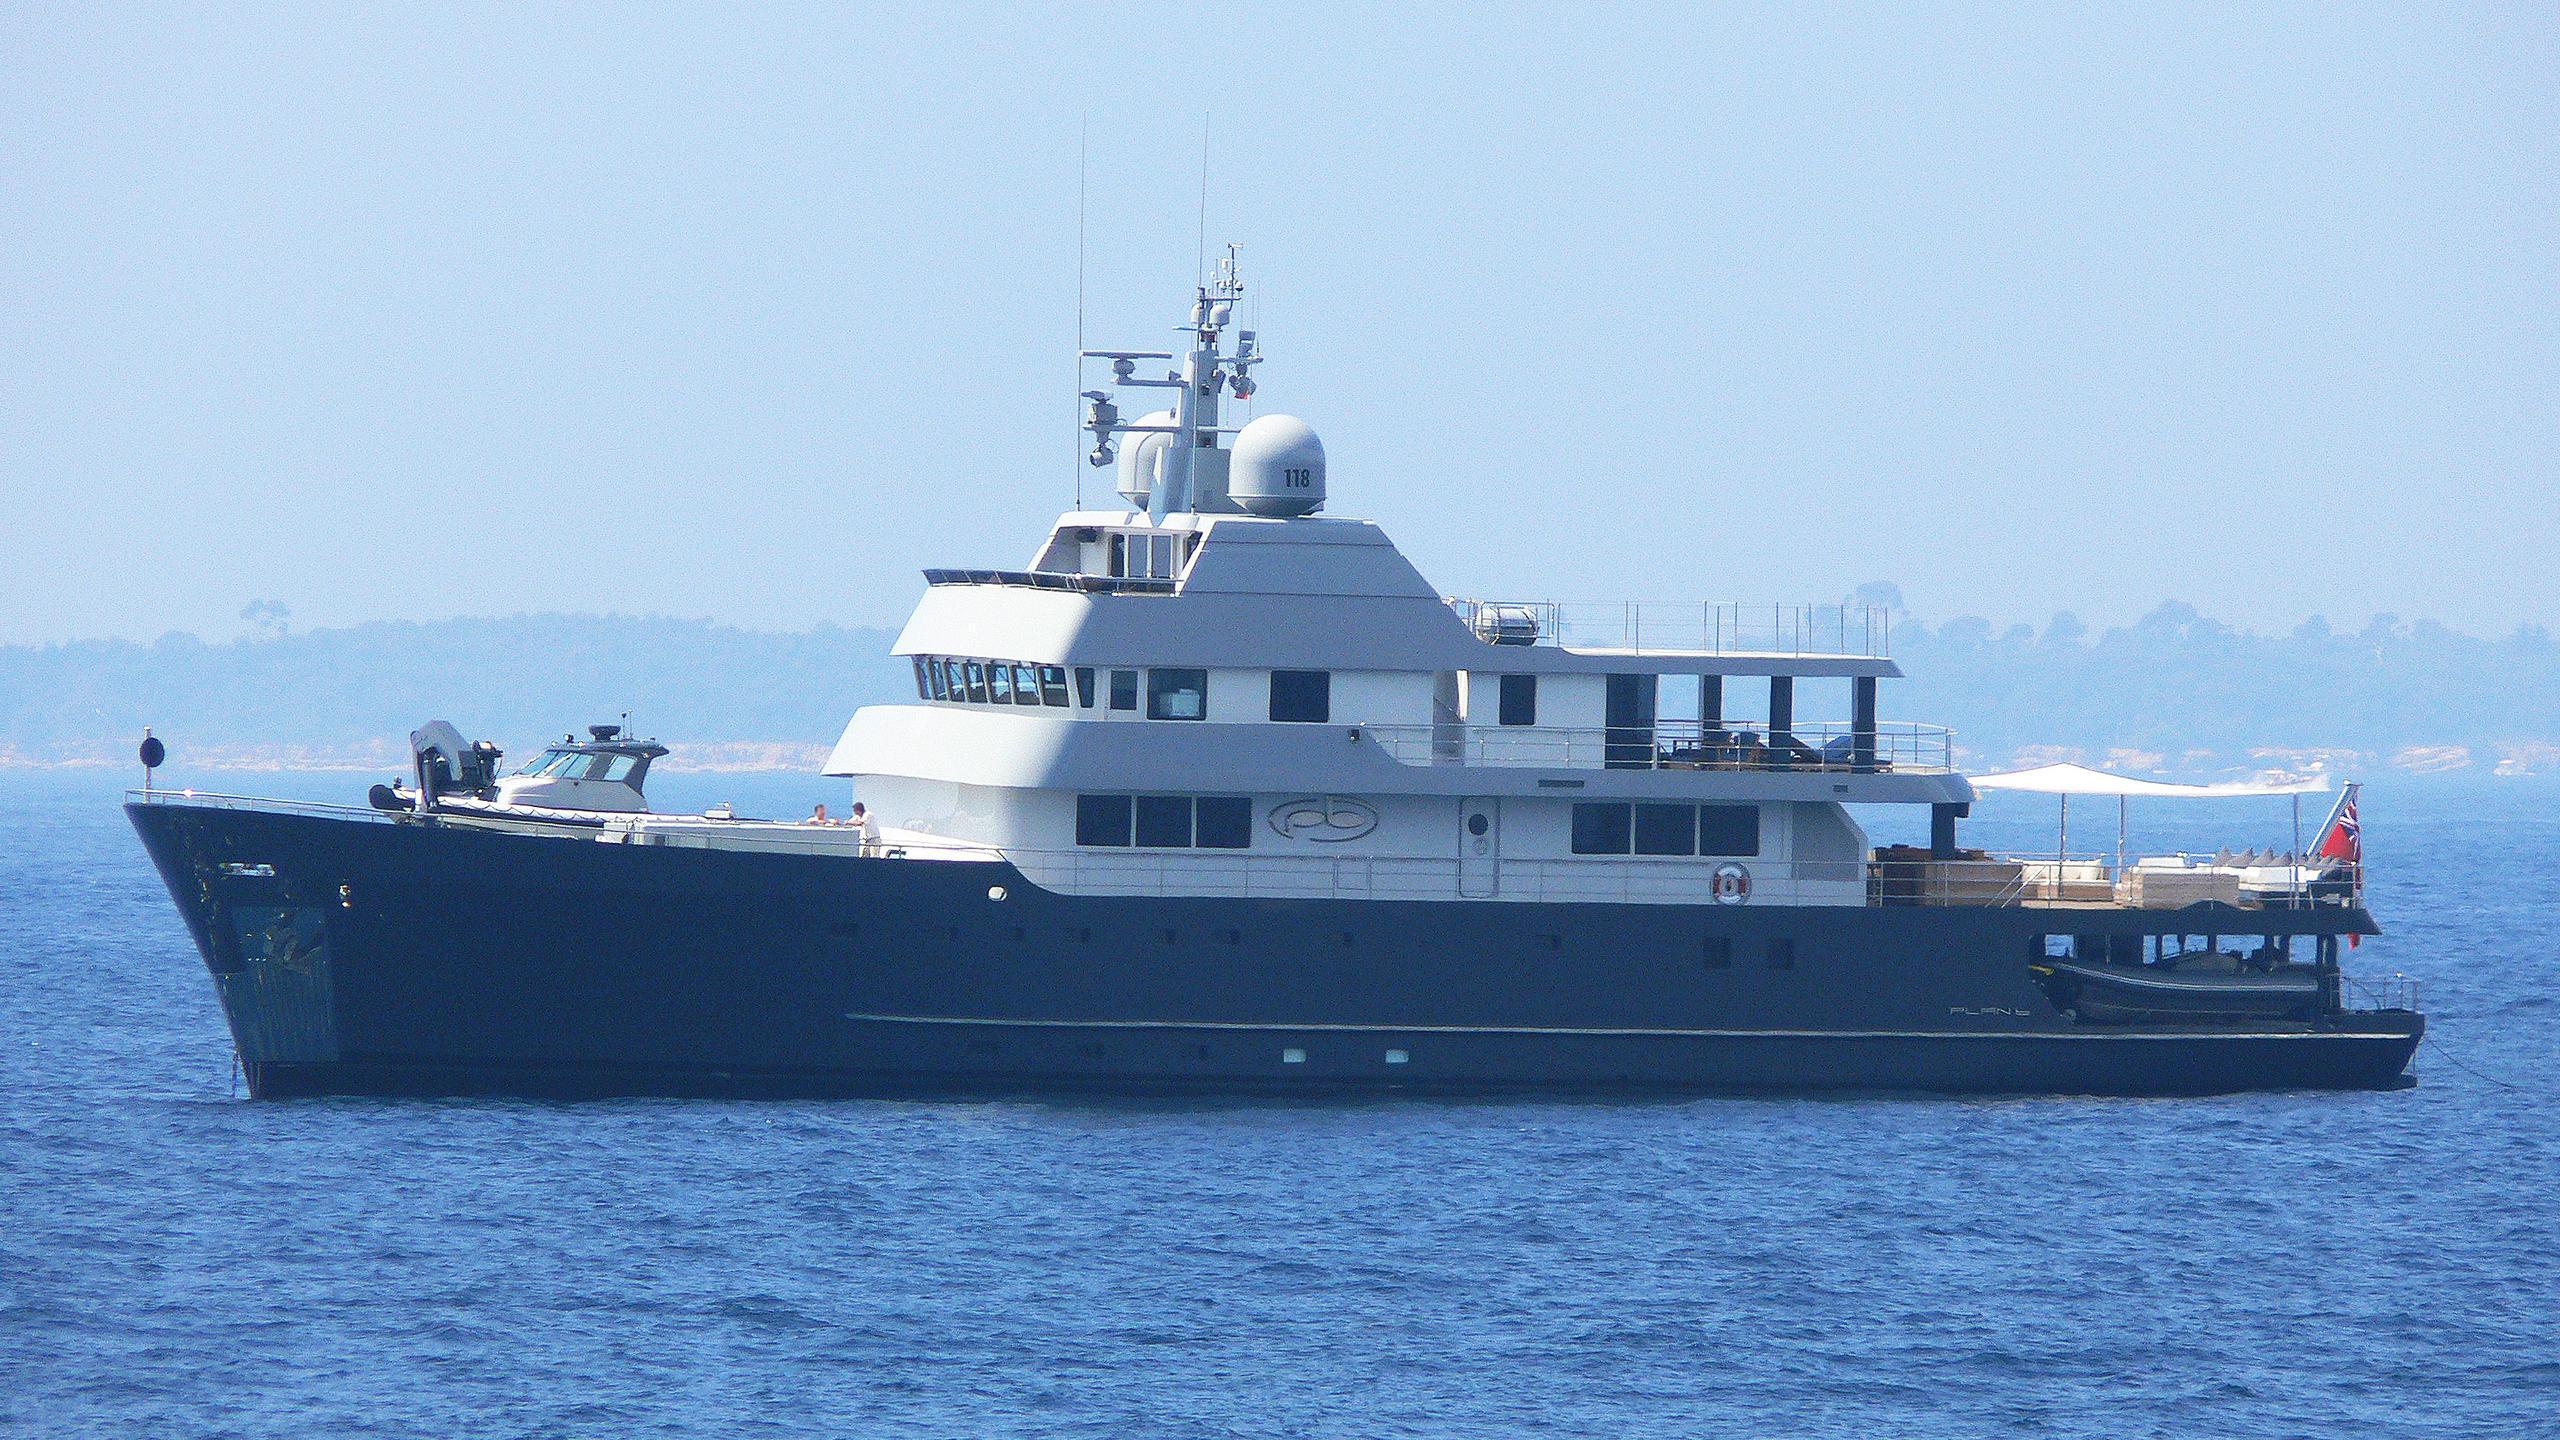 plan-b-explorer-yacht-australian-naval-1973-50m-profile